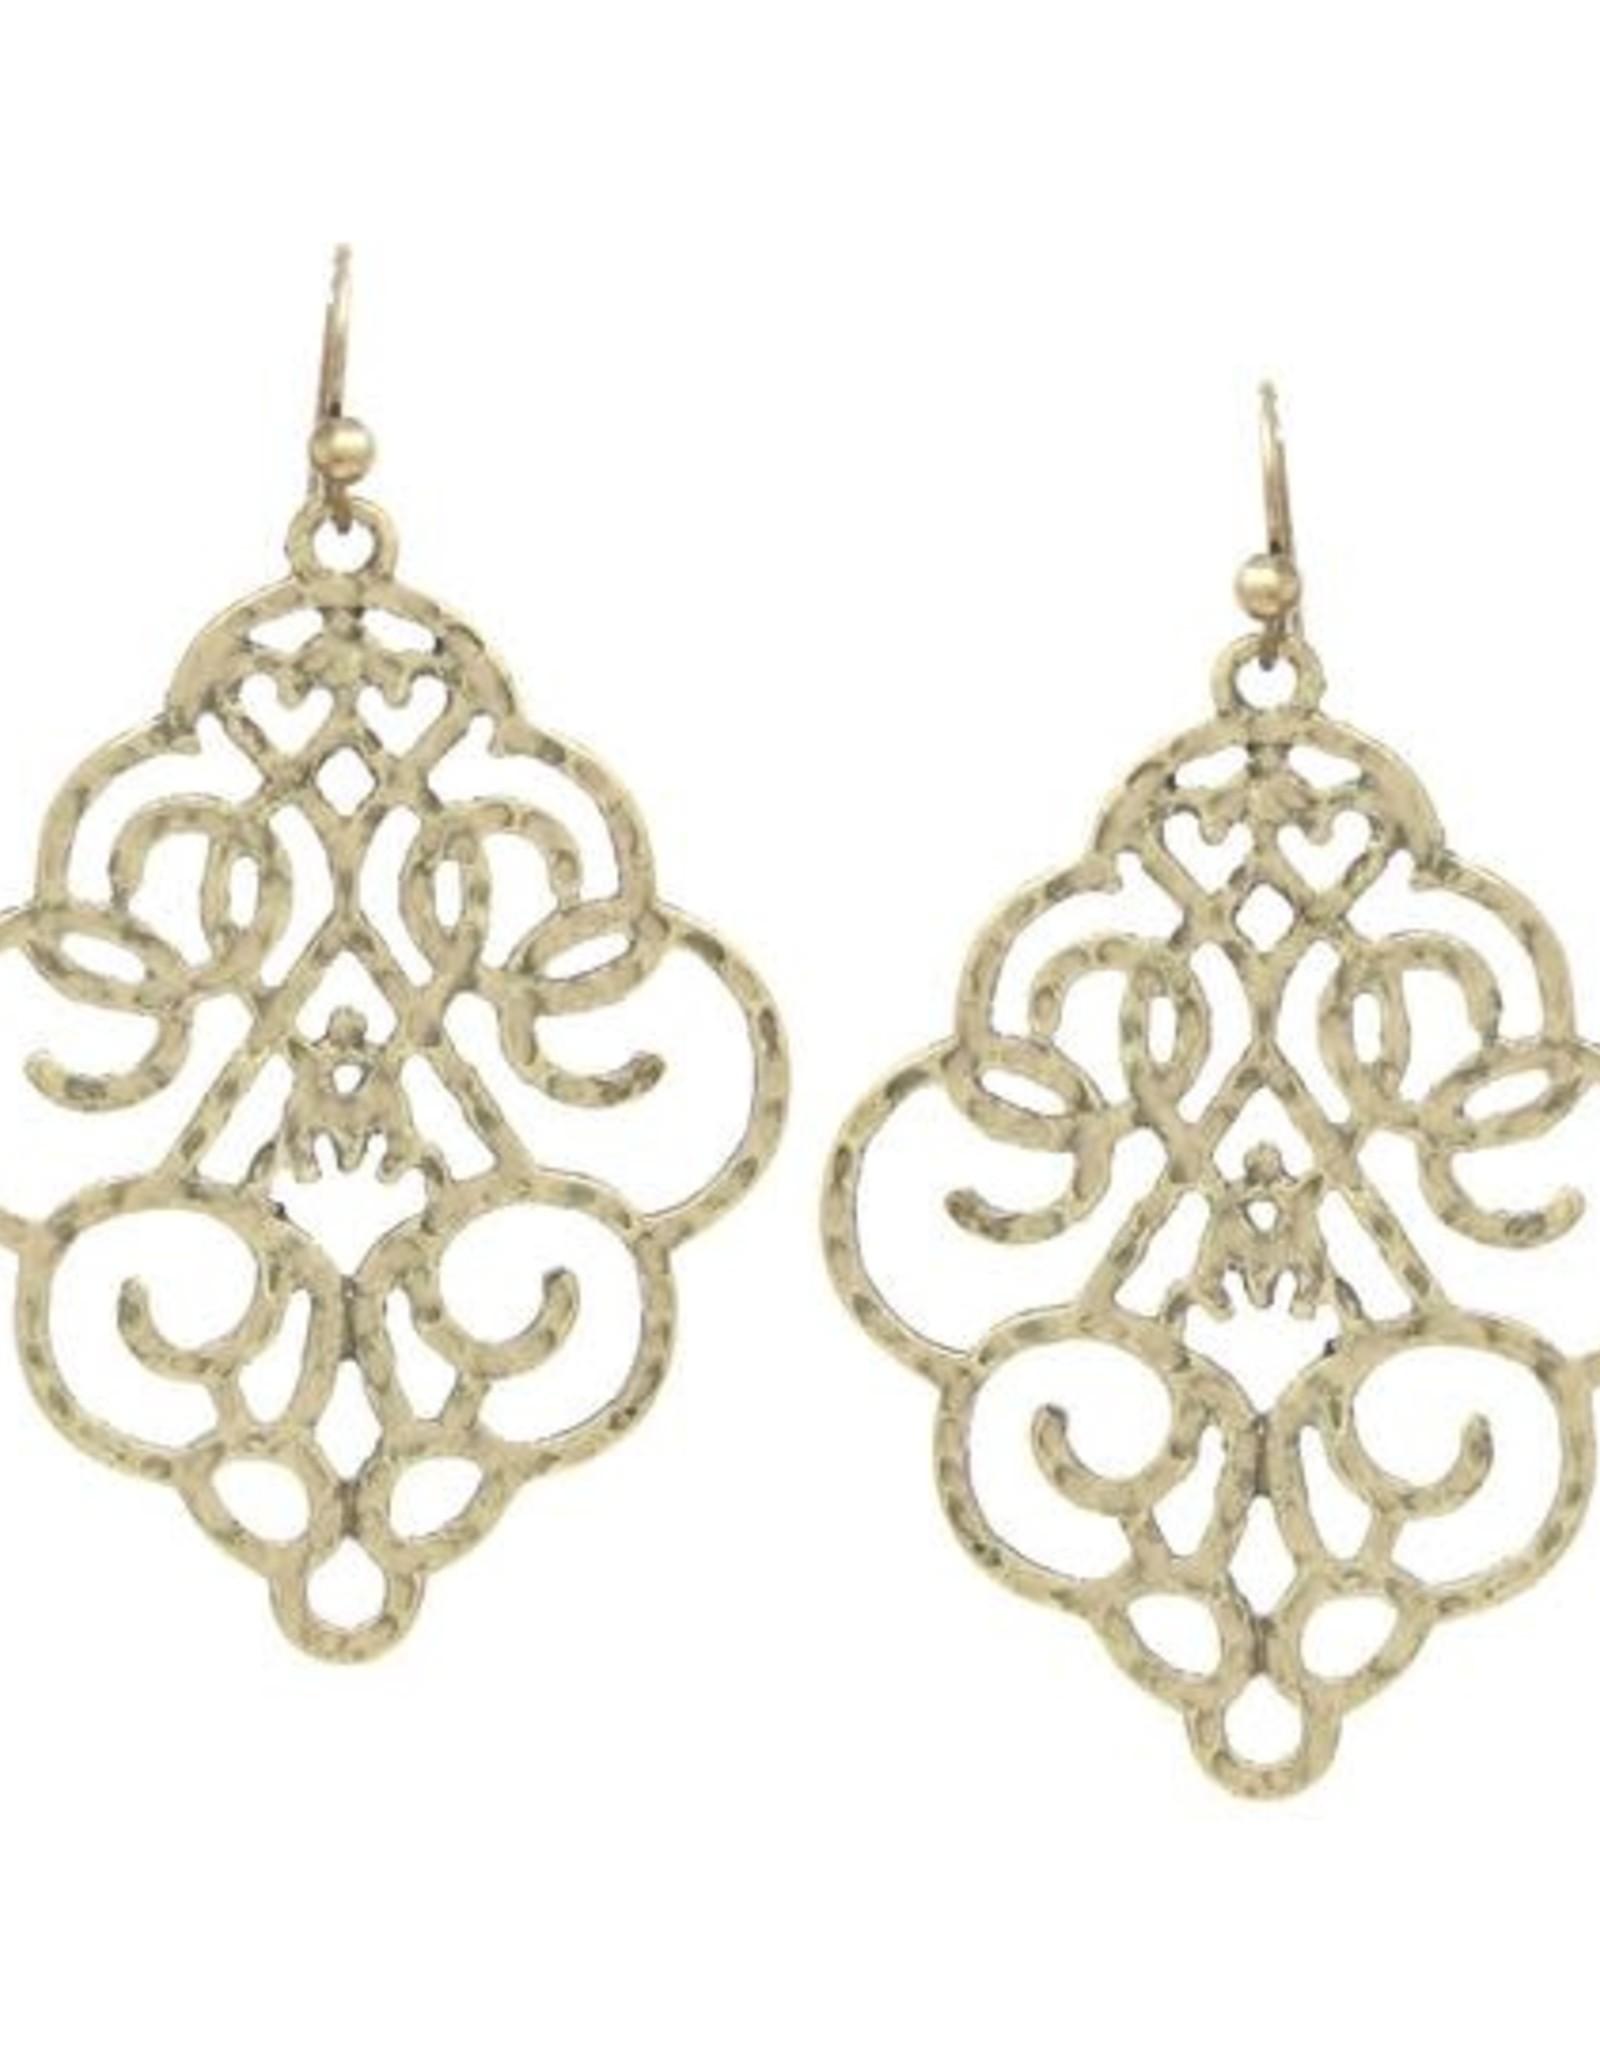 Textured Metal Filigree Drop Earrings - Worn Gold